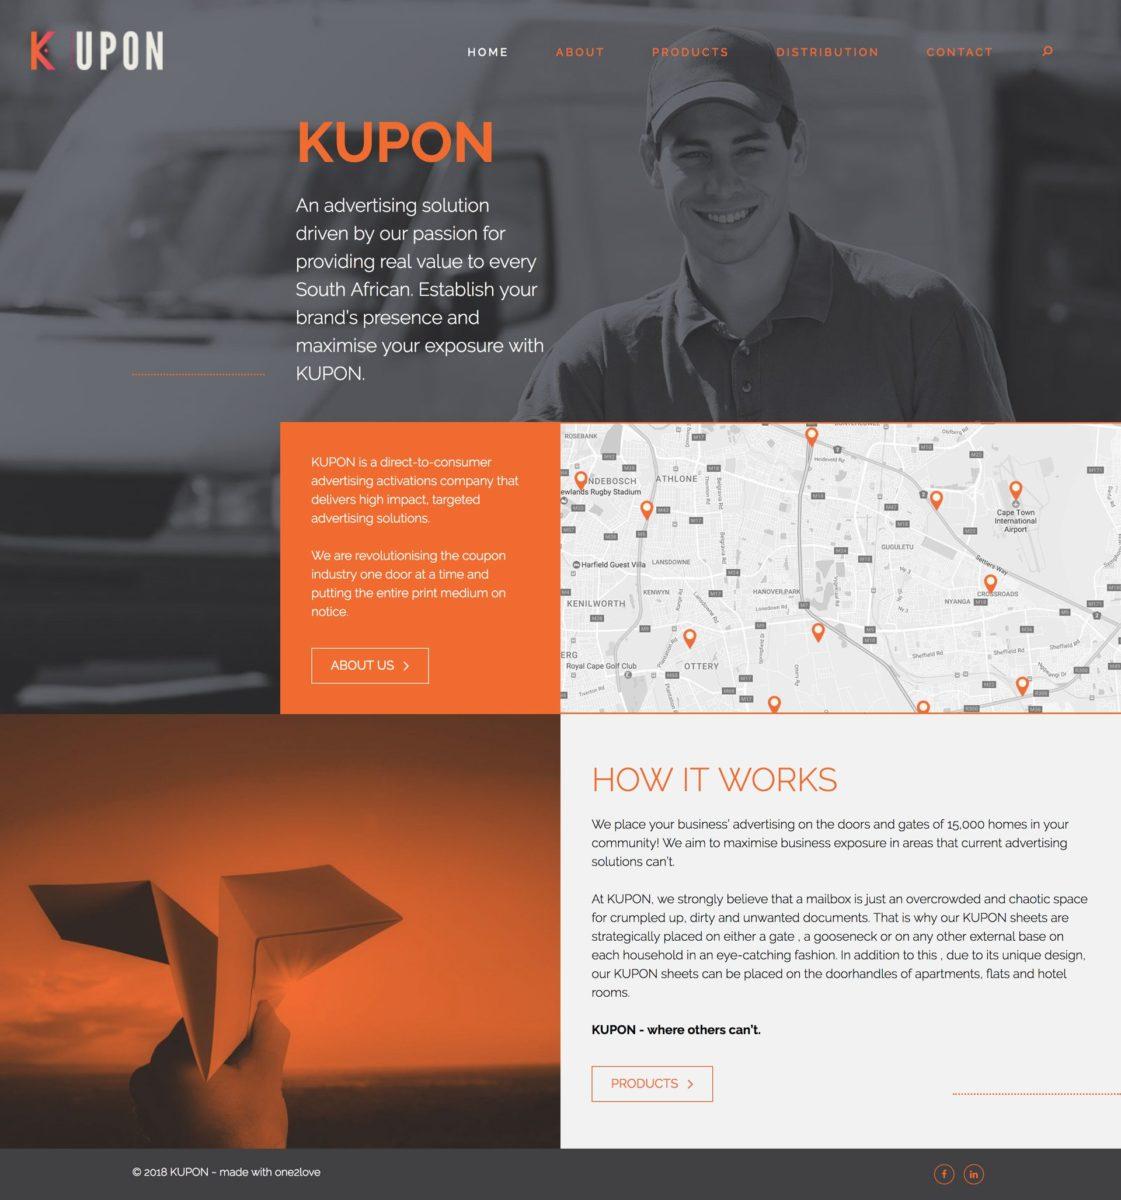 Kupon Home Page